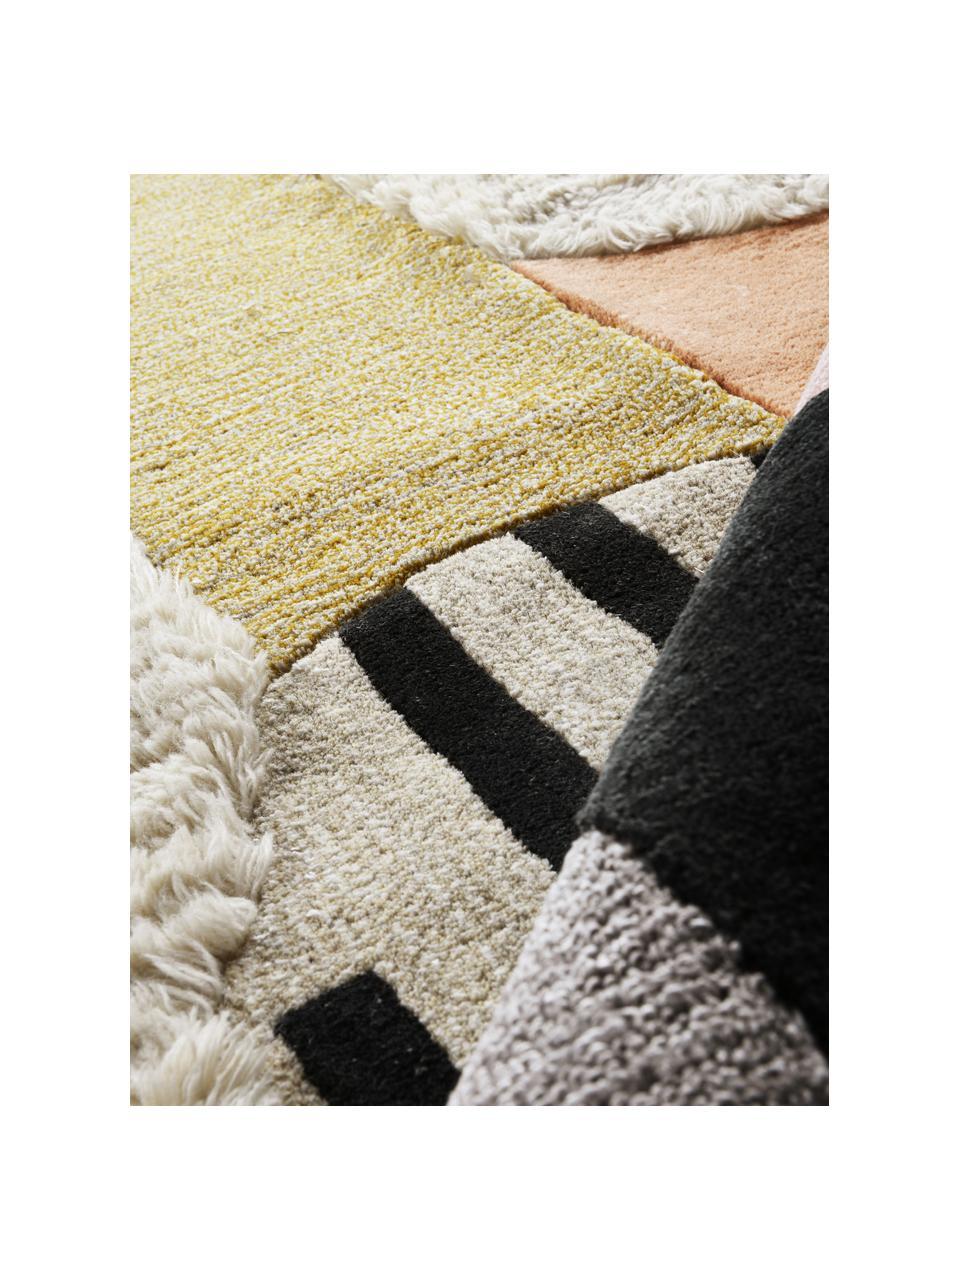 Ręcznie tuftowany dywan z wełny z wysokim stosem Boho, 74 % wełna, 24 % wiskoza Włókna dywanów wełnianych mogą nieznacznie rozluźniać się w pierwszych tygodniach użytkowania, co ustępuje po pewnym czasie, Wielobarwny, S 160 x D 230 cm (Rozmiar M)